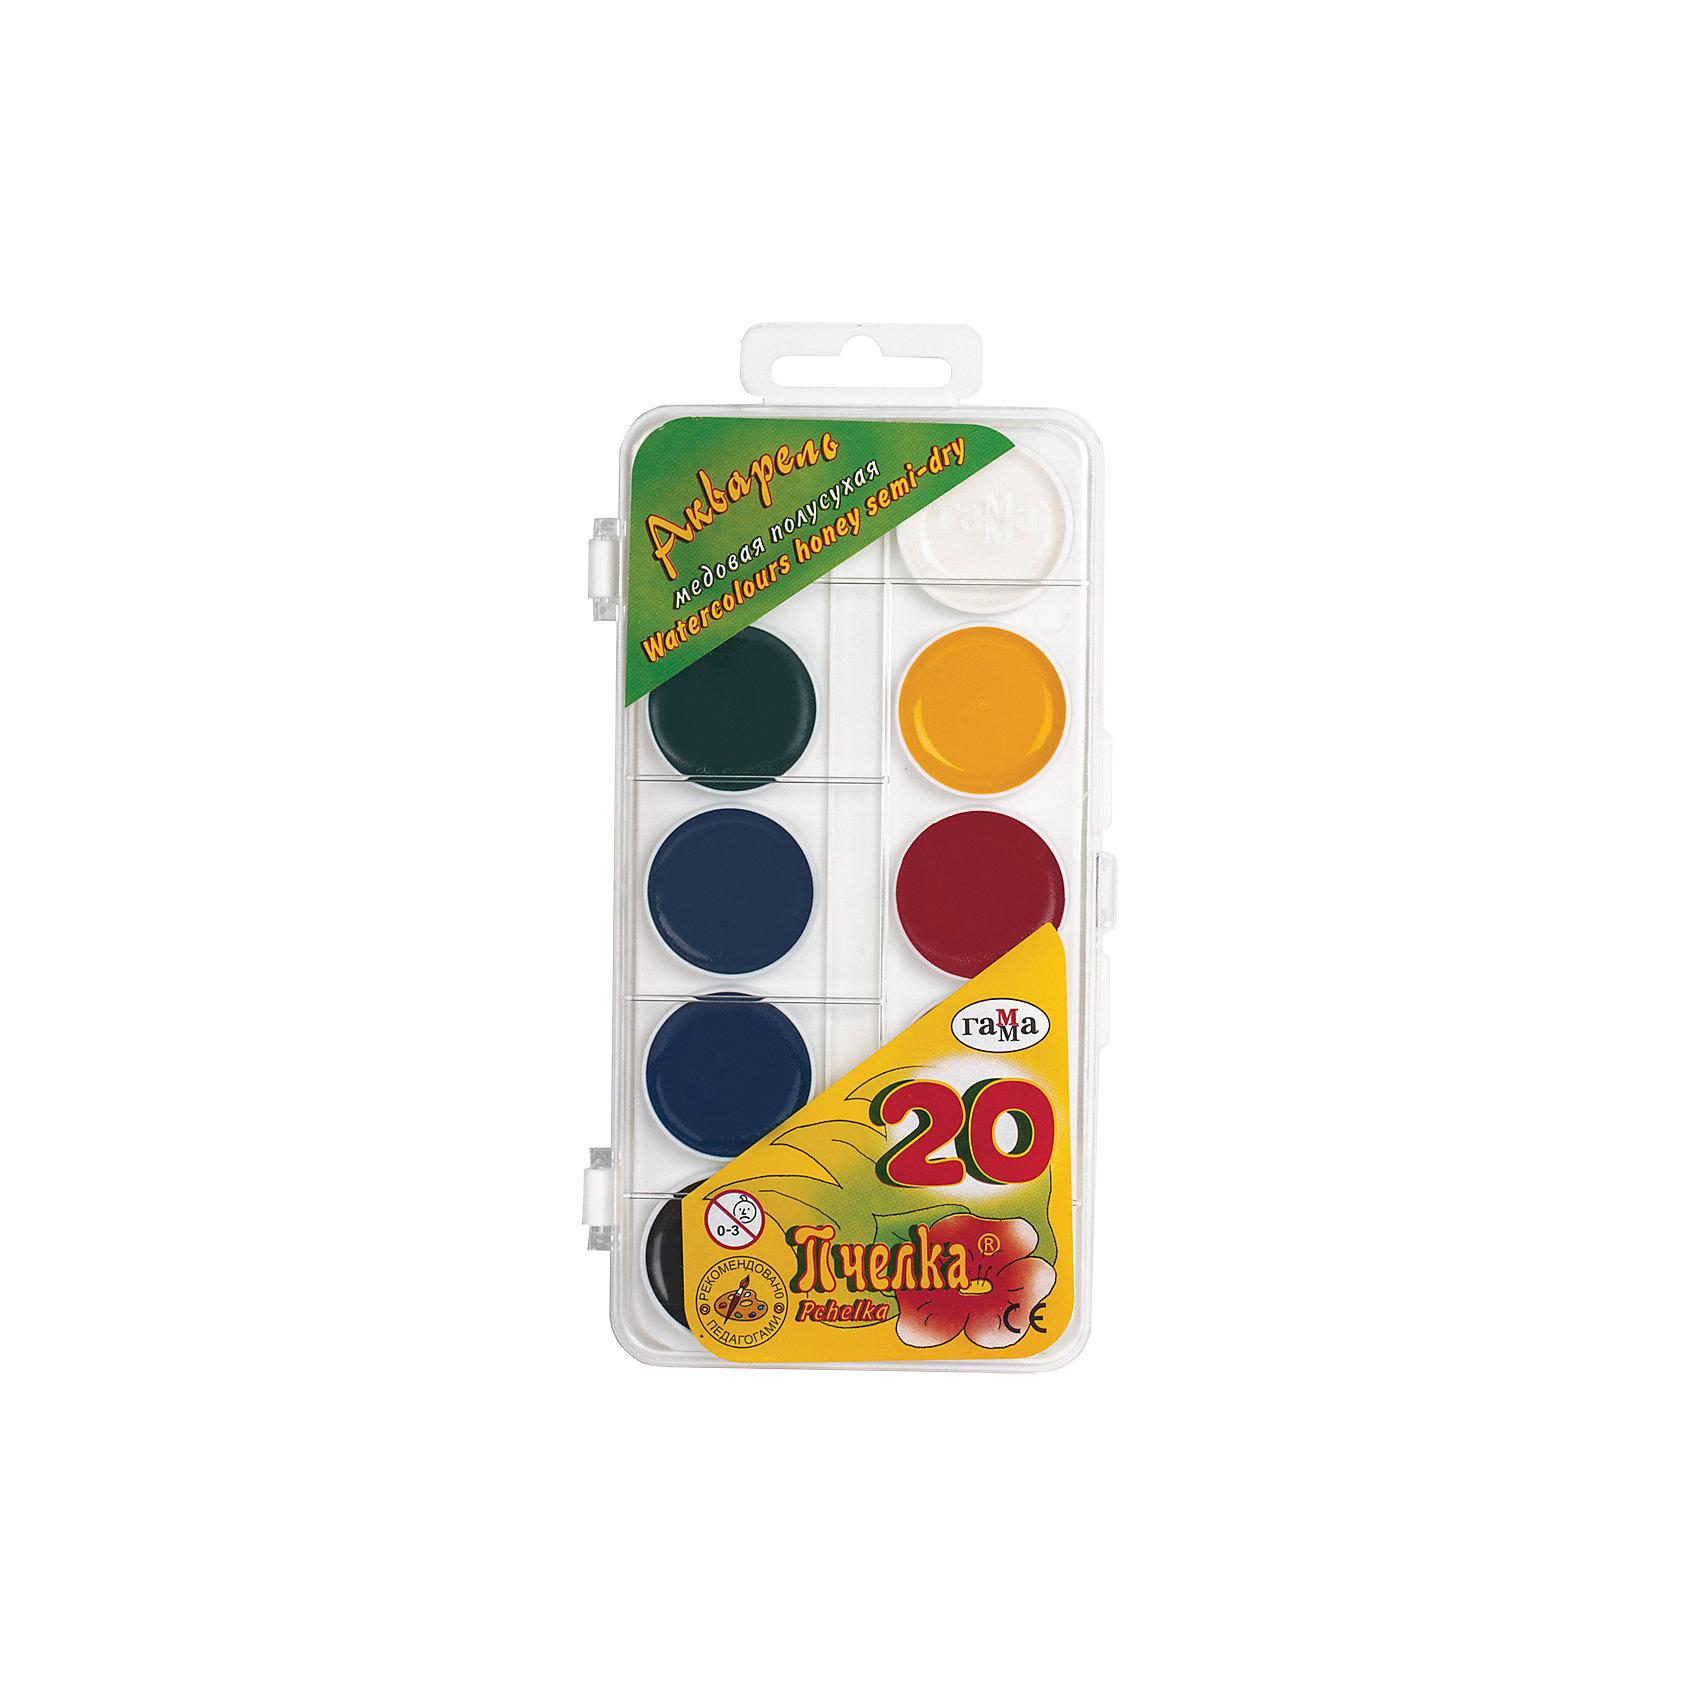 Акварельные краски Пчелка, 20 цв.Краски в пластиковой коробке содержат стойкие и яркие пигменты, что позволяет получать насыщенные изображения с эффектом бархатистости цвета. Краски изготовлены с добавлением натуральной патоки и пчелиного меда.<br><br>Ширина мм: 850<br>Глубина мм: 150<br>Высота мм: 1700<br>Вес г: 115<br>Возраст от месяцев: 36<br>Возраст до месяцев: 2147483647<br>Пол: Унисекс<br>Возраст: Детский<br>SKU: 4827988